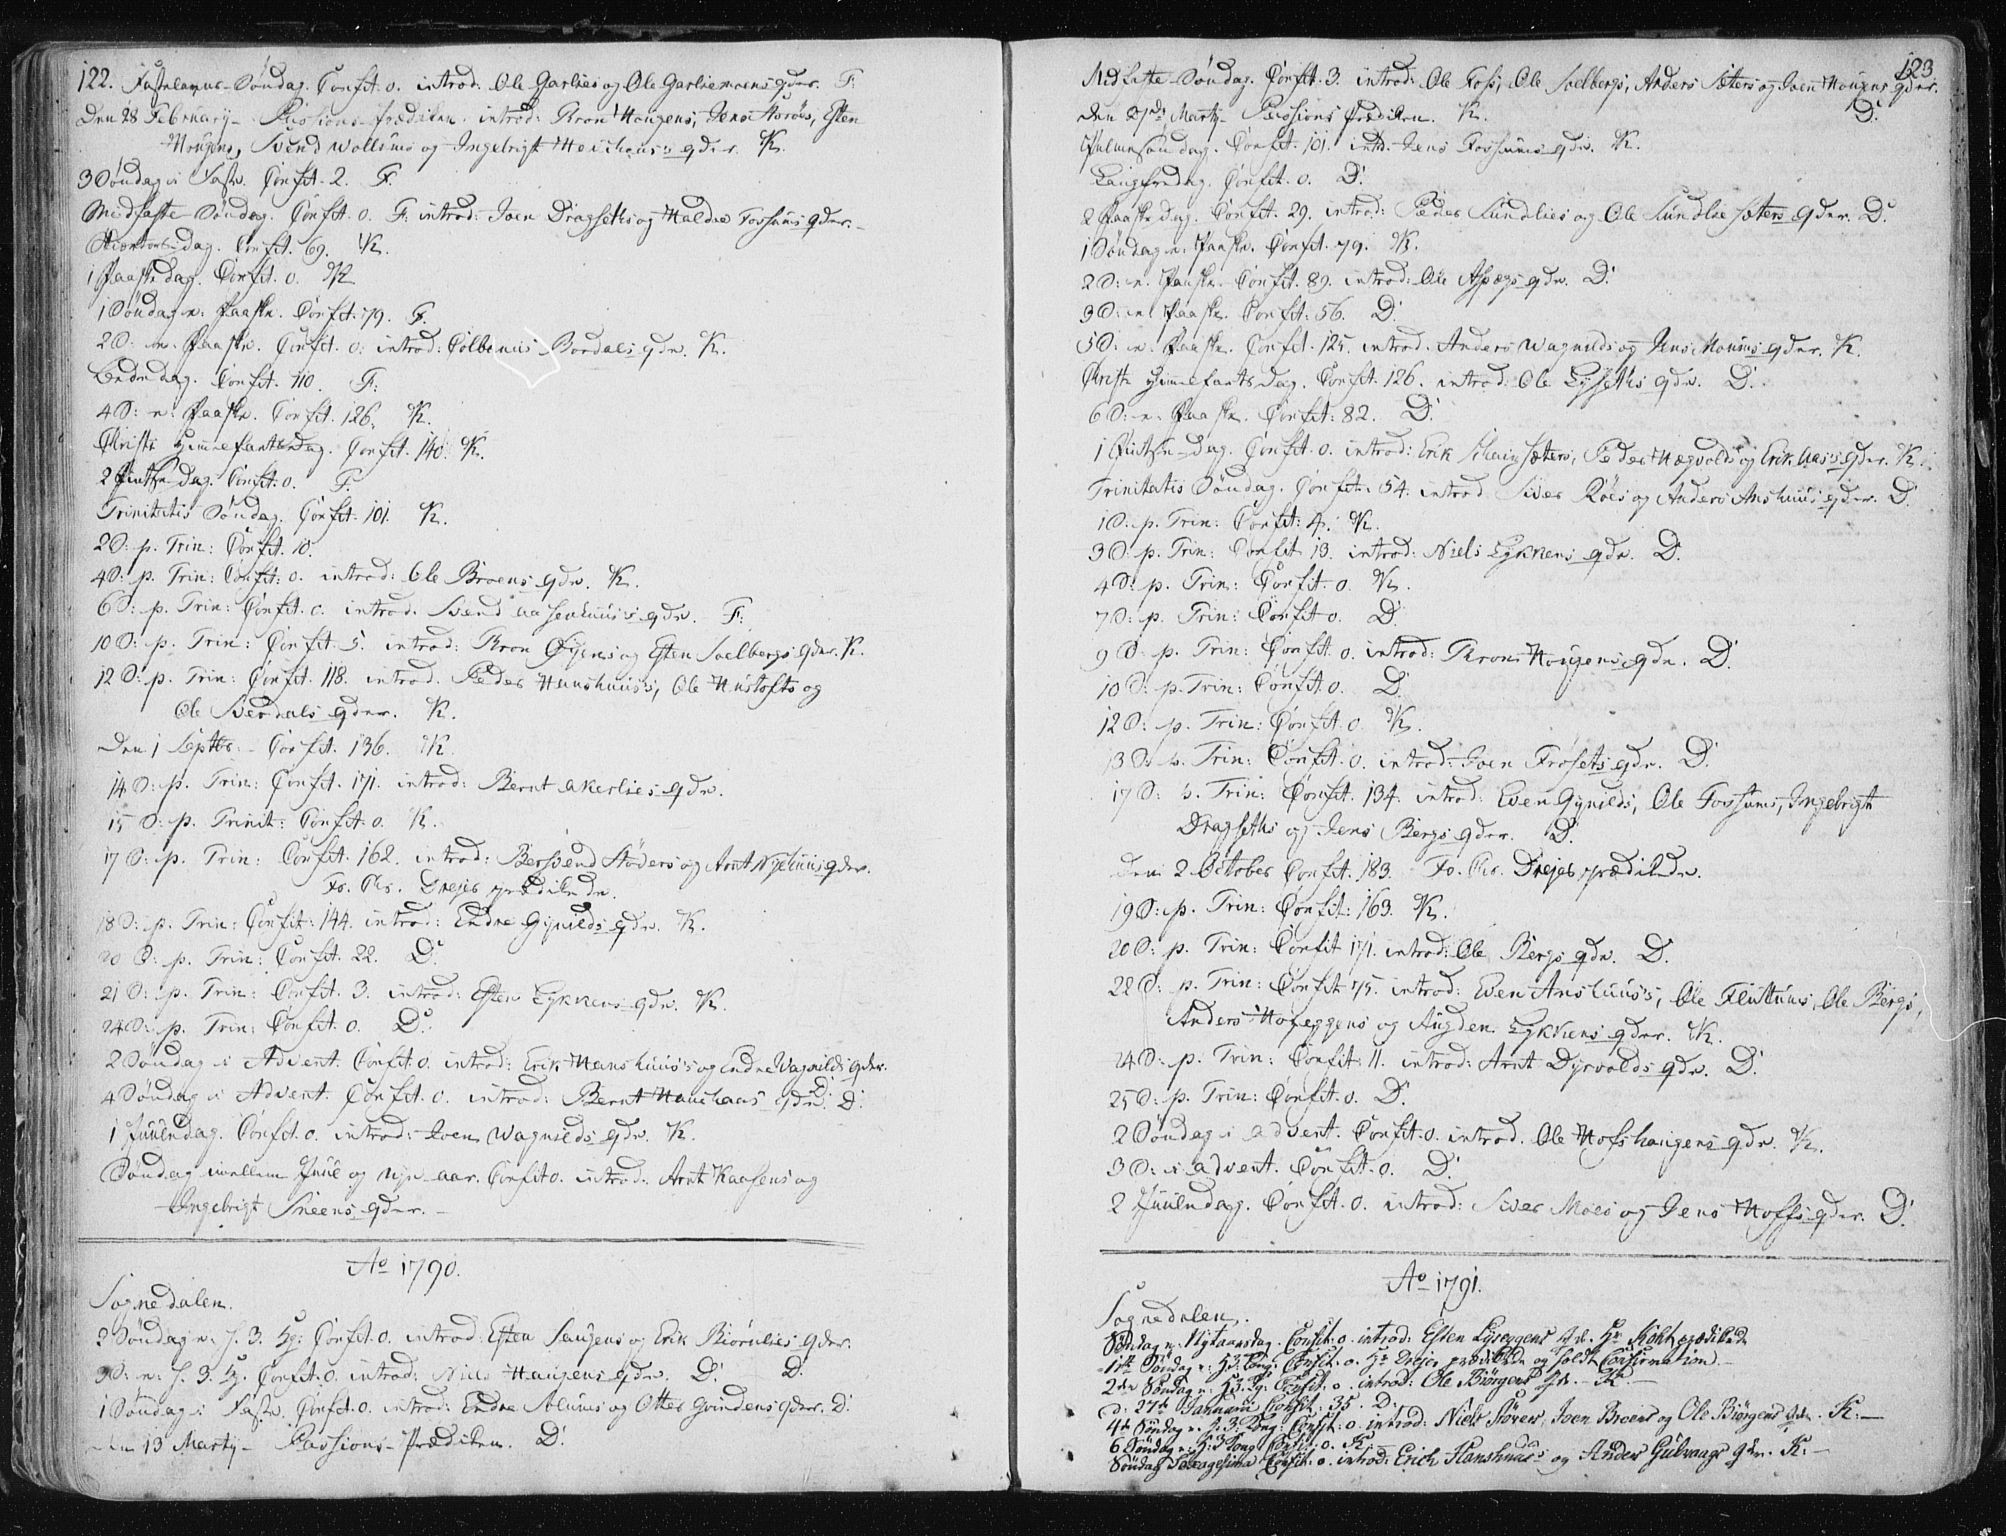 SAT, Ministerialprotokoller, klokkerbøker og fødselsregistre - Sør-Trøndelag, 687/L0994: Ministerialbok nr. 687A03 /3, 1788-1815, s. 122-123